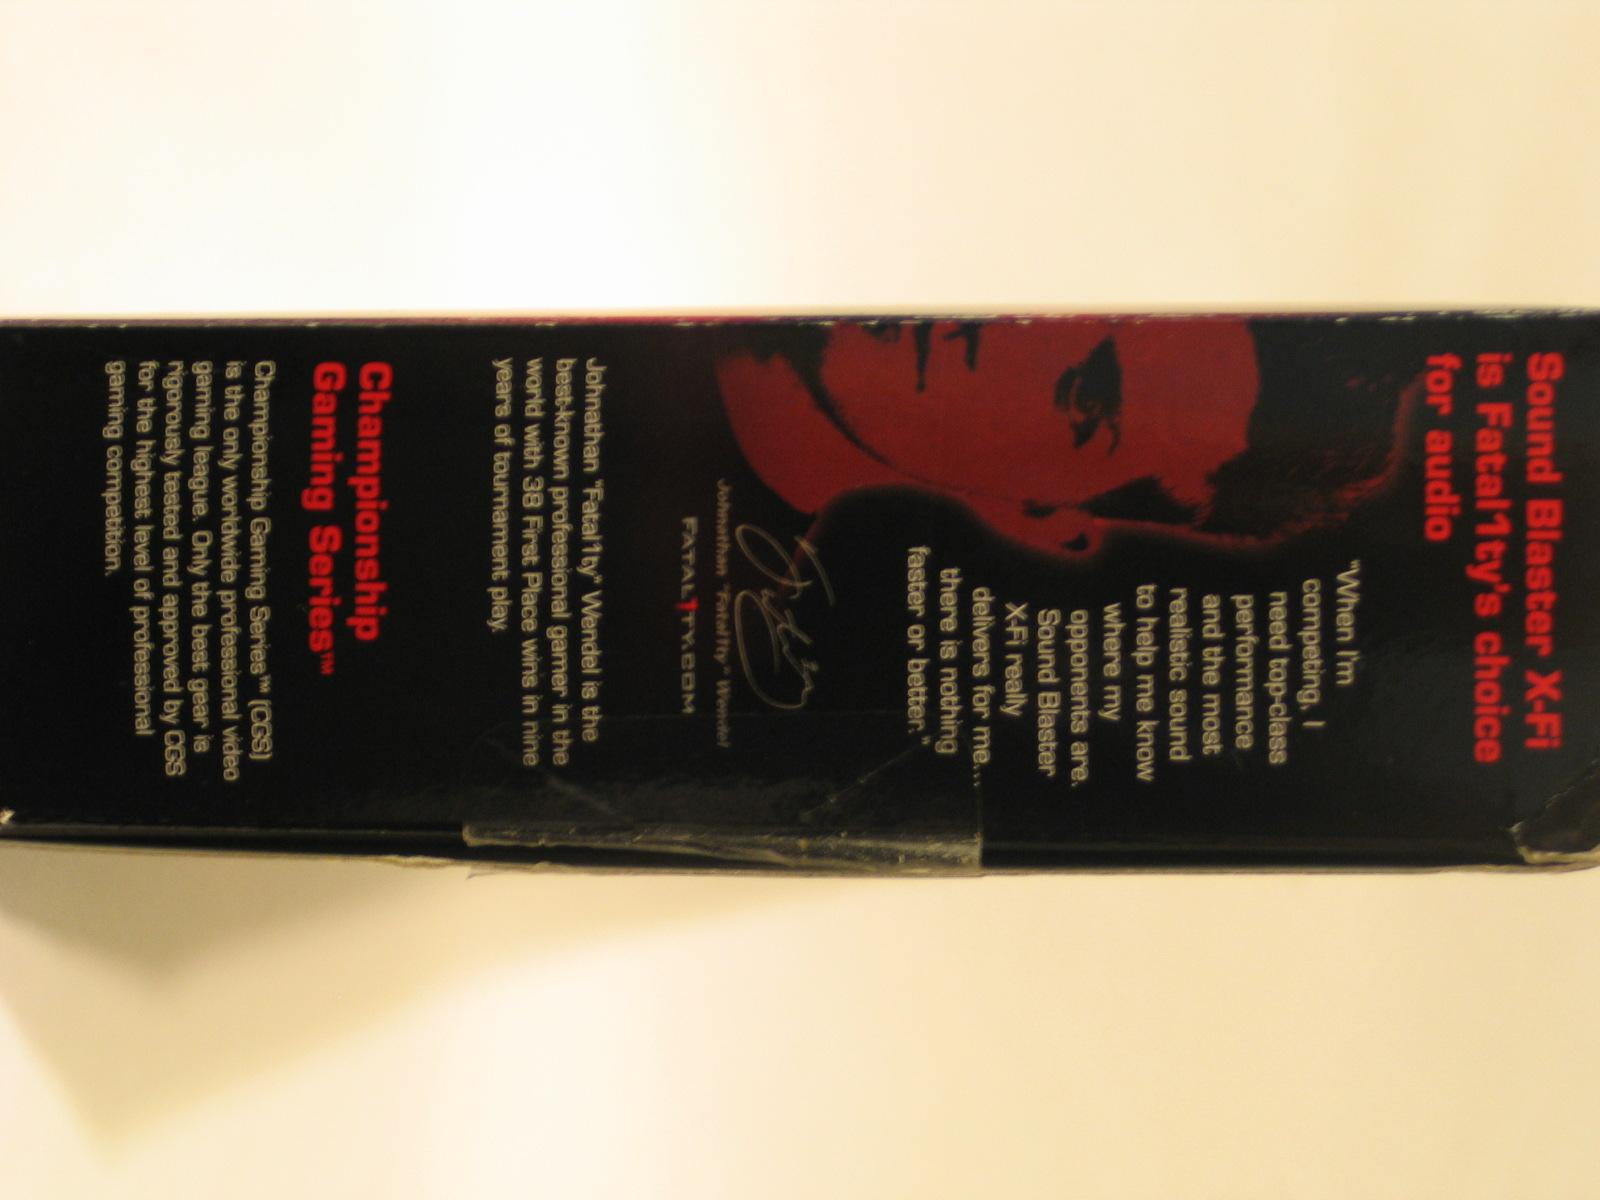 Sound blaster x-fi titanium fatal1ty professional series manual pdf